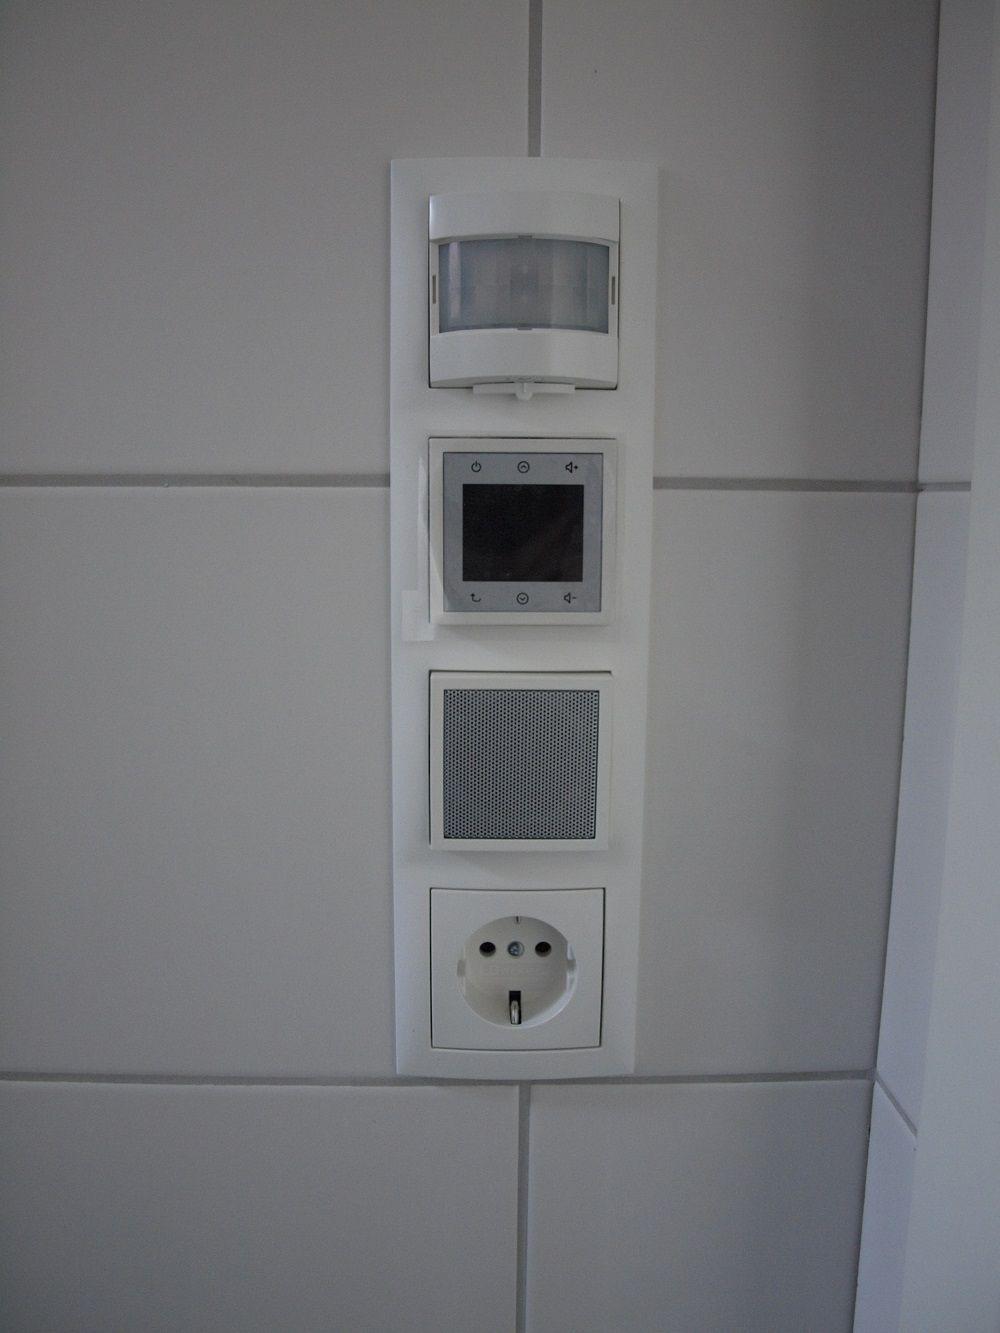 Unterputz Radio Unser Steckdosenradio Im Badezimmer Mit Video Steckdosen Badezimmer Radios